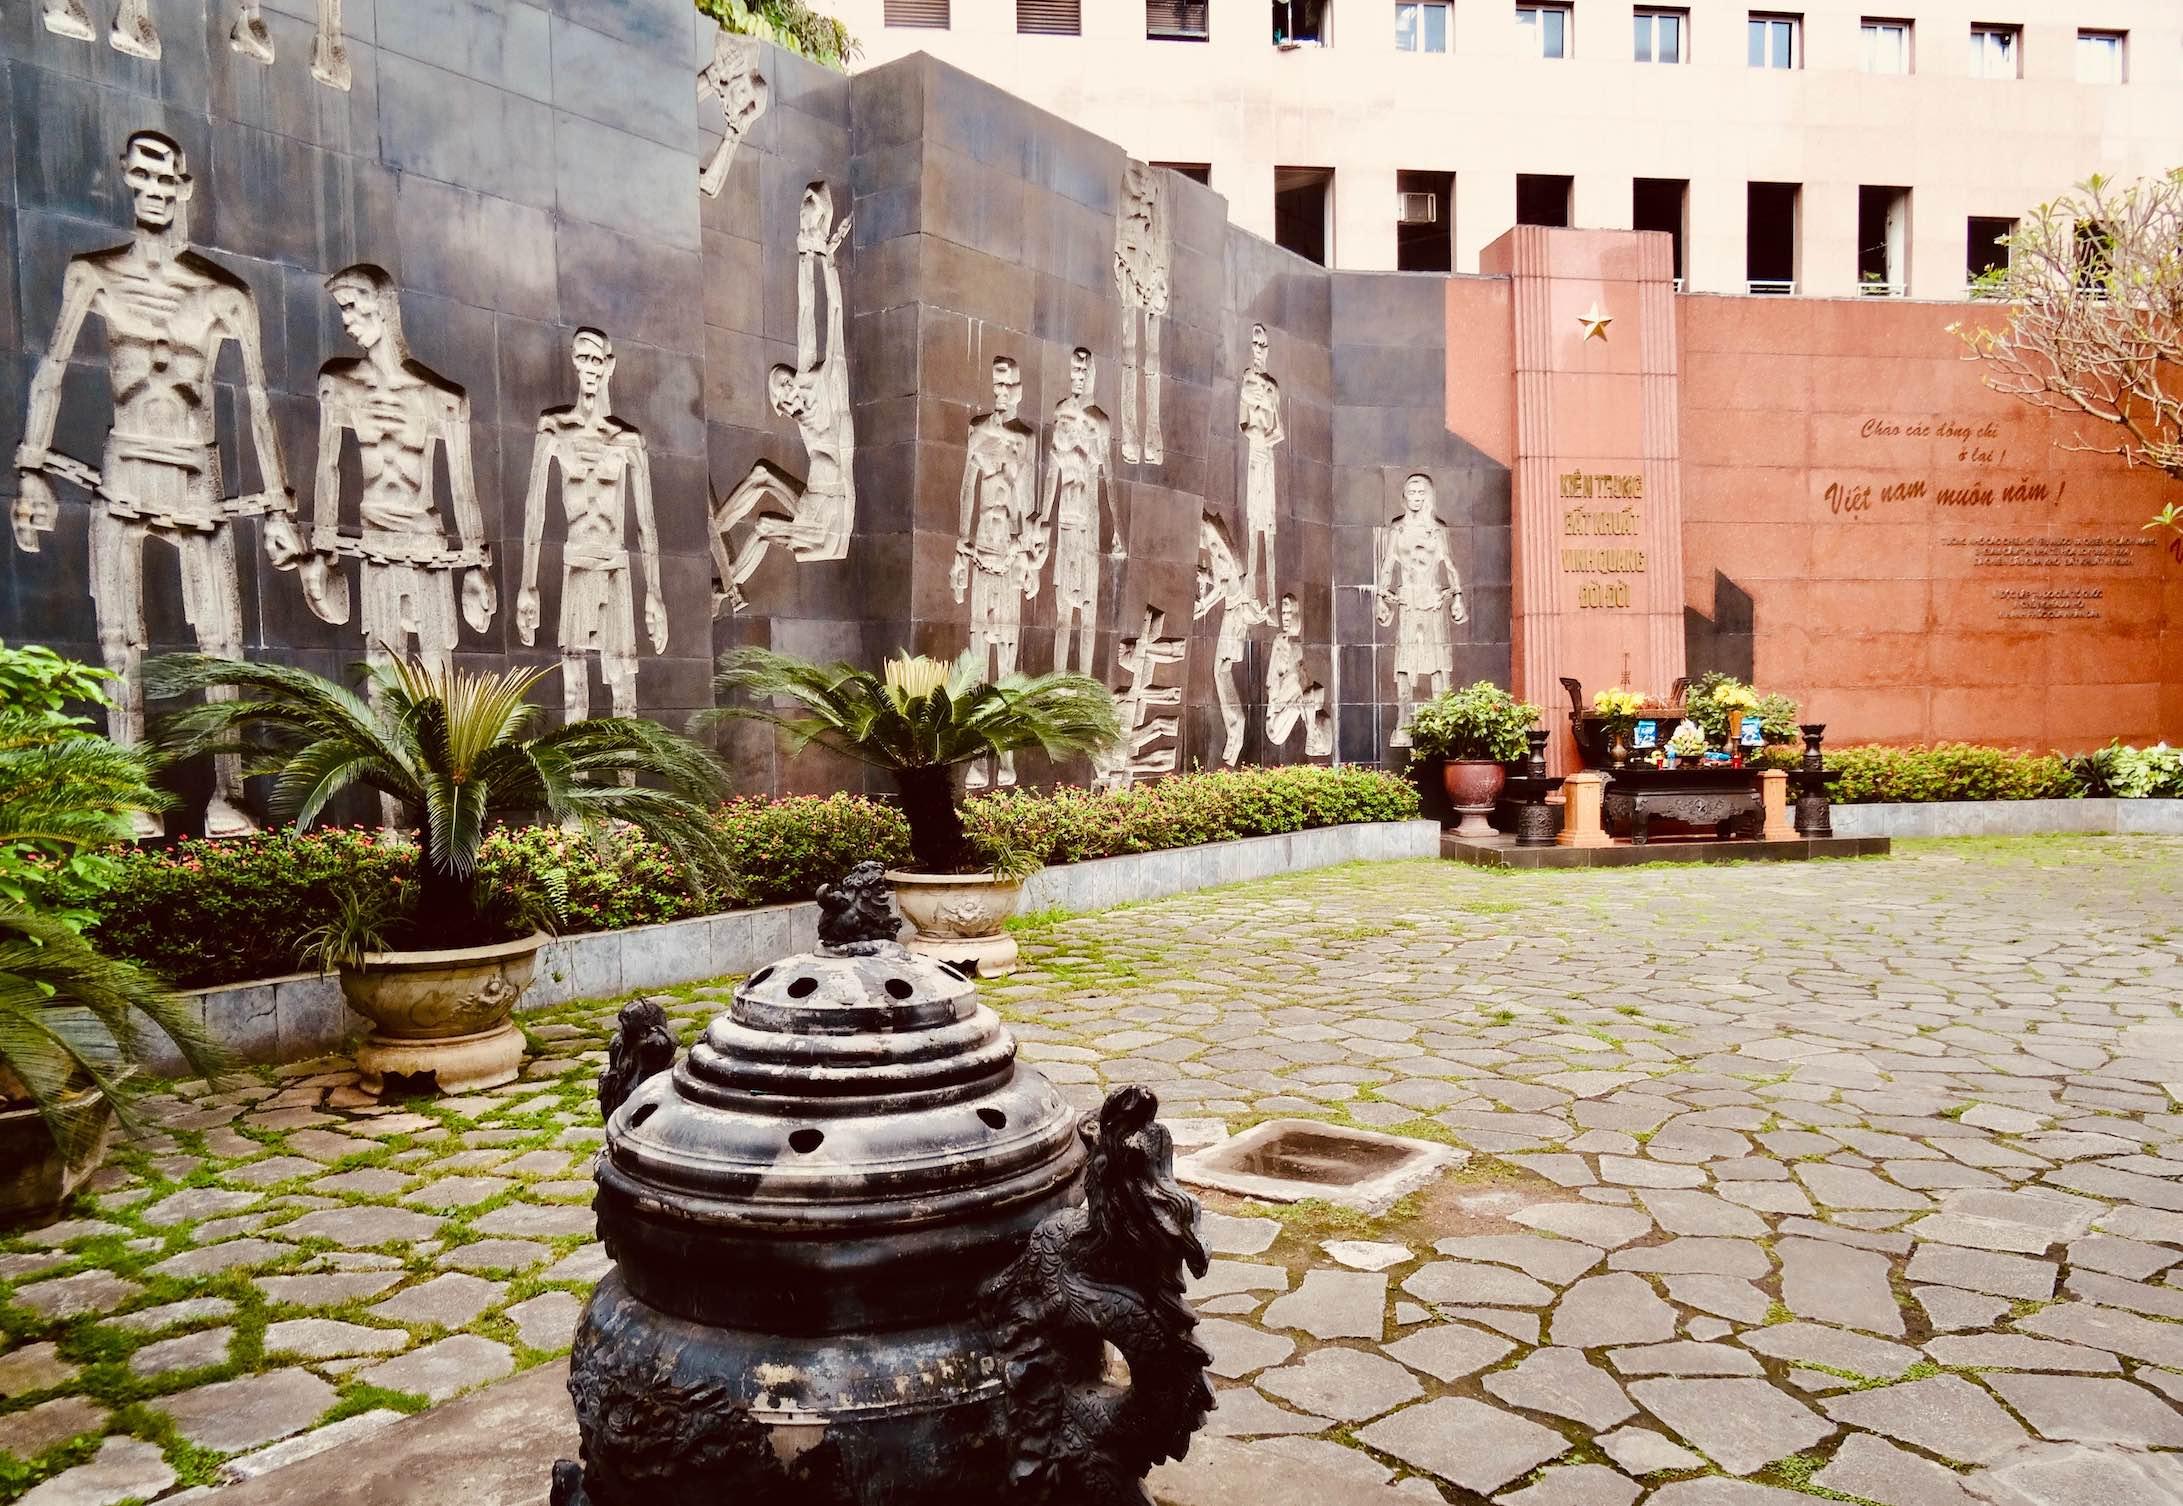 Wall carvings Hoa Lo Prison.